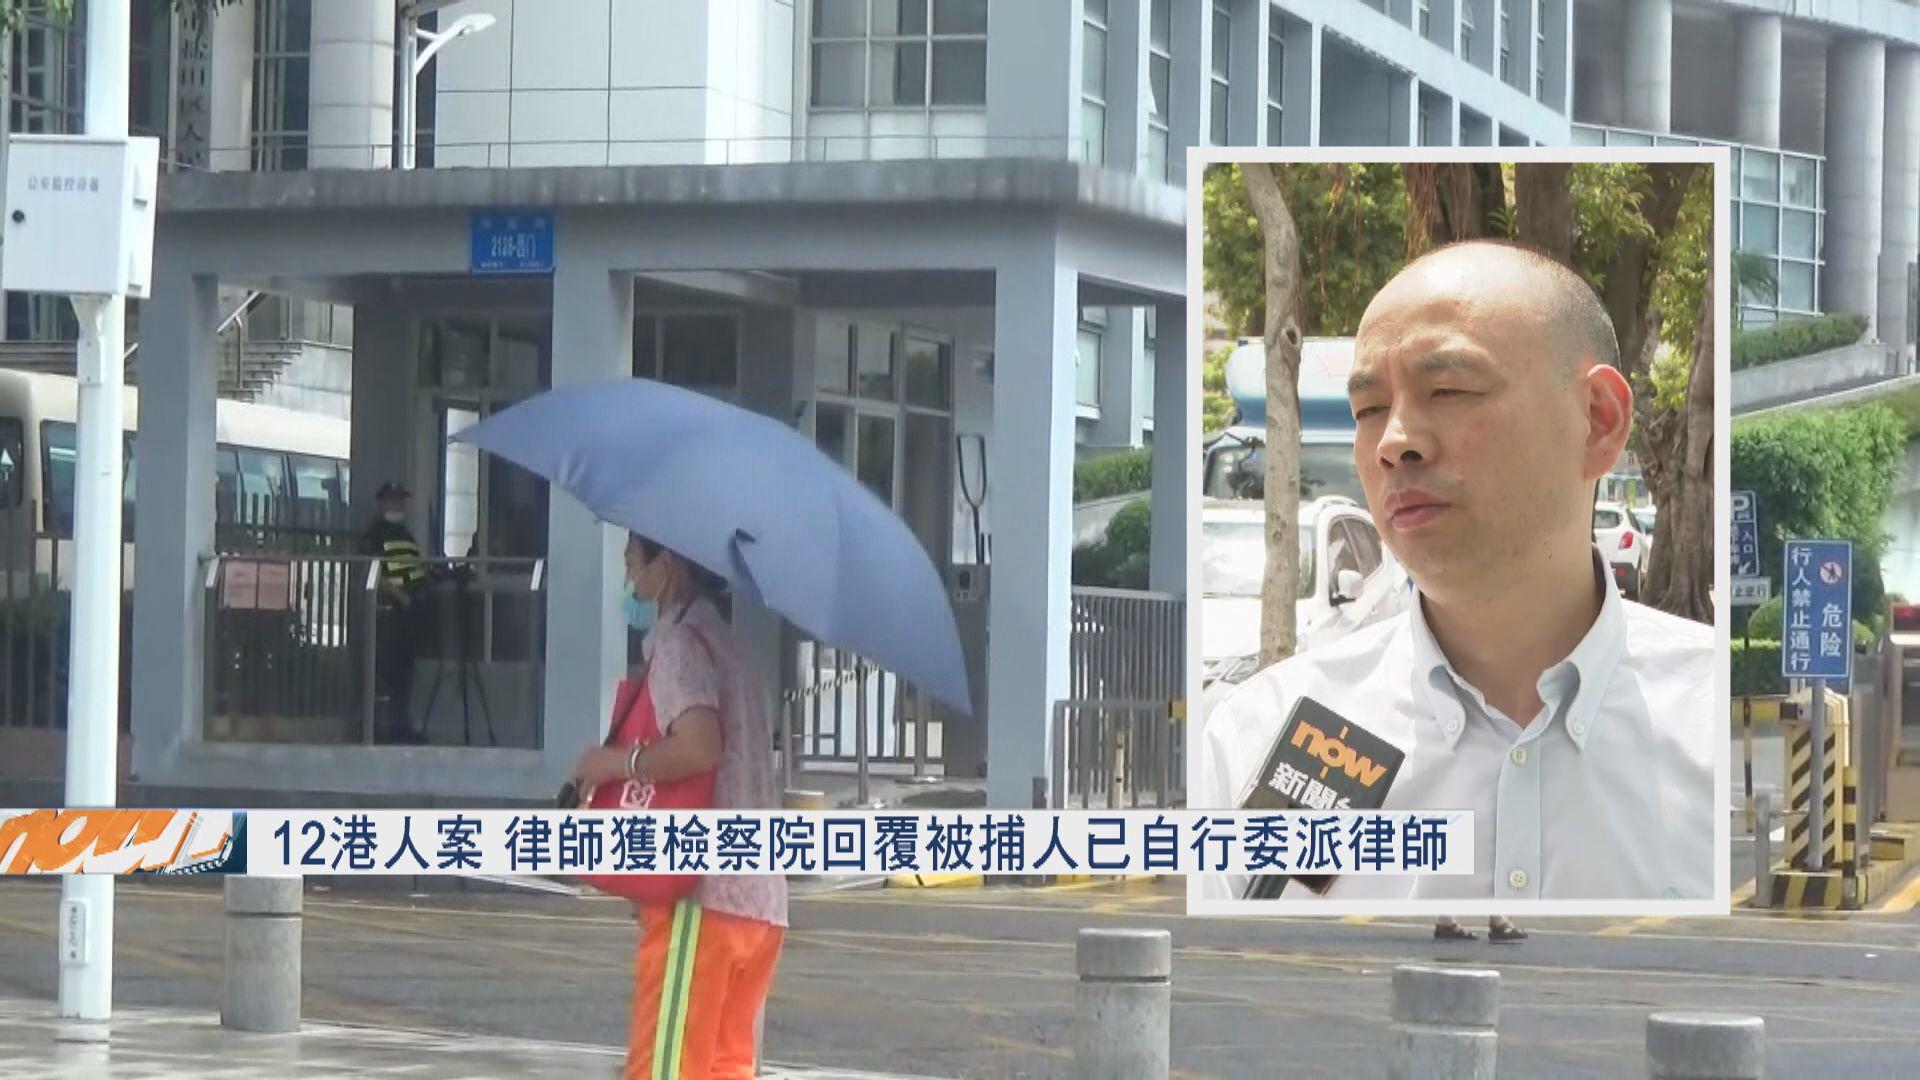 12港人案 律師獲檢察院回覆被捕人已自行委派律師